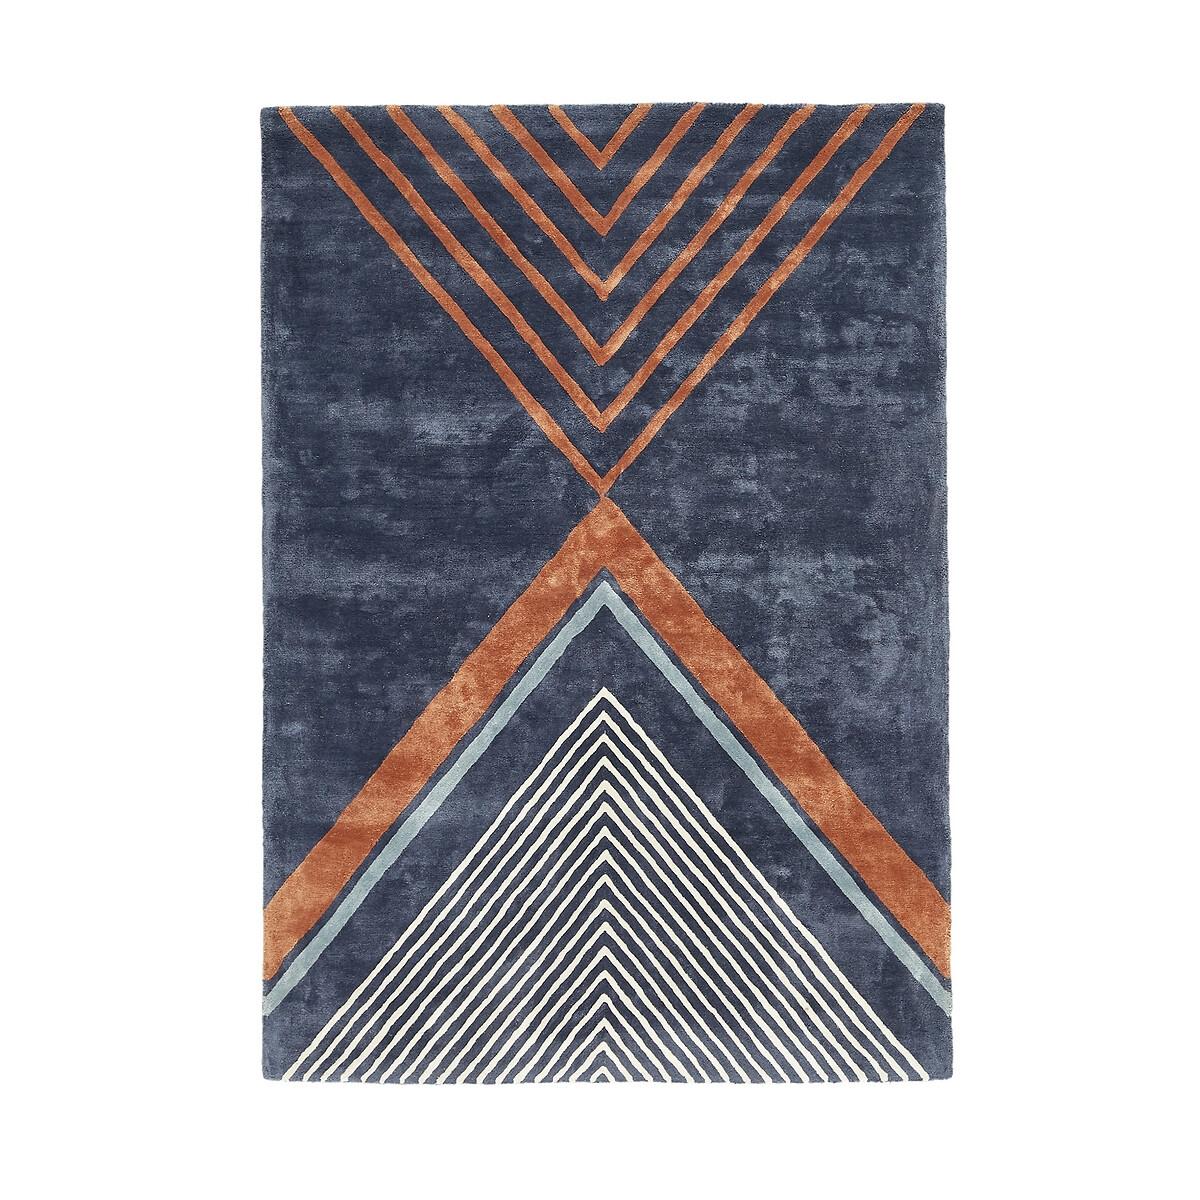 Ковер La Redoute Из вискозы Palazzo 120 x 170 см синий ковер la redoute в берберском стиле kaylon 120 x 170 см каштановый